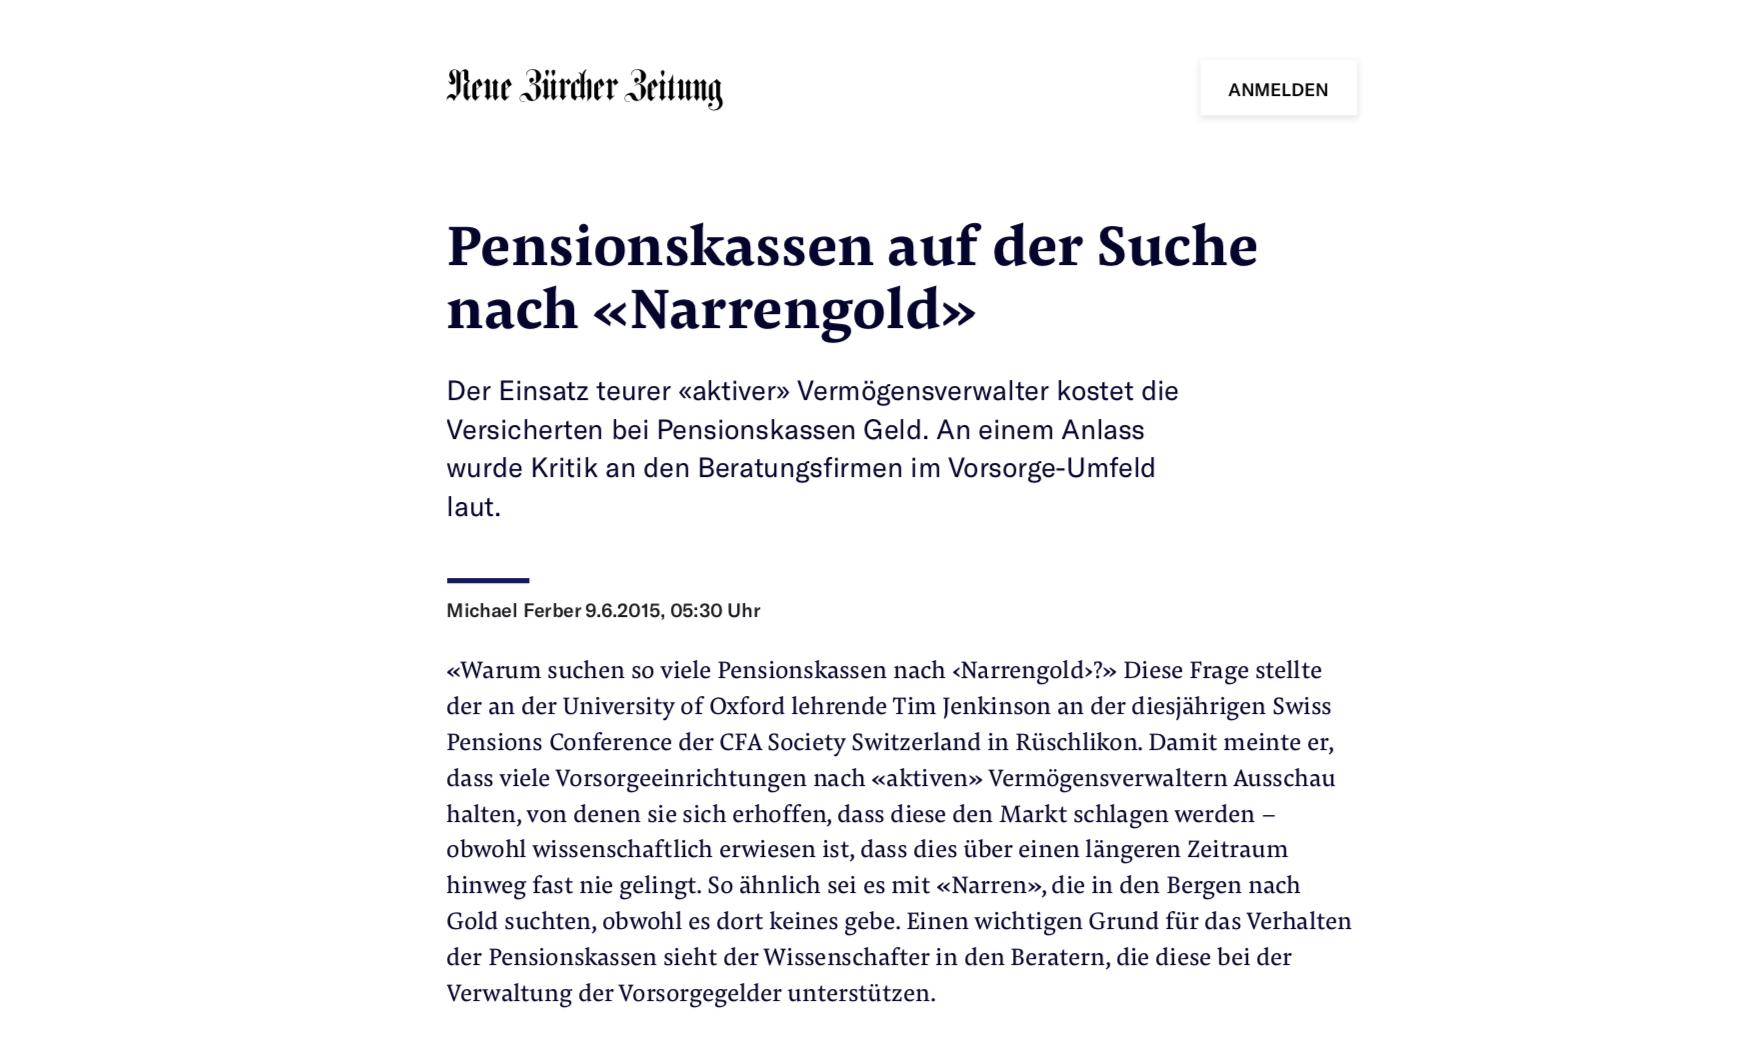 Neue Zürcher Zeitung, 2015